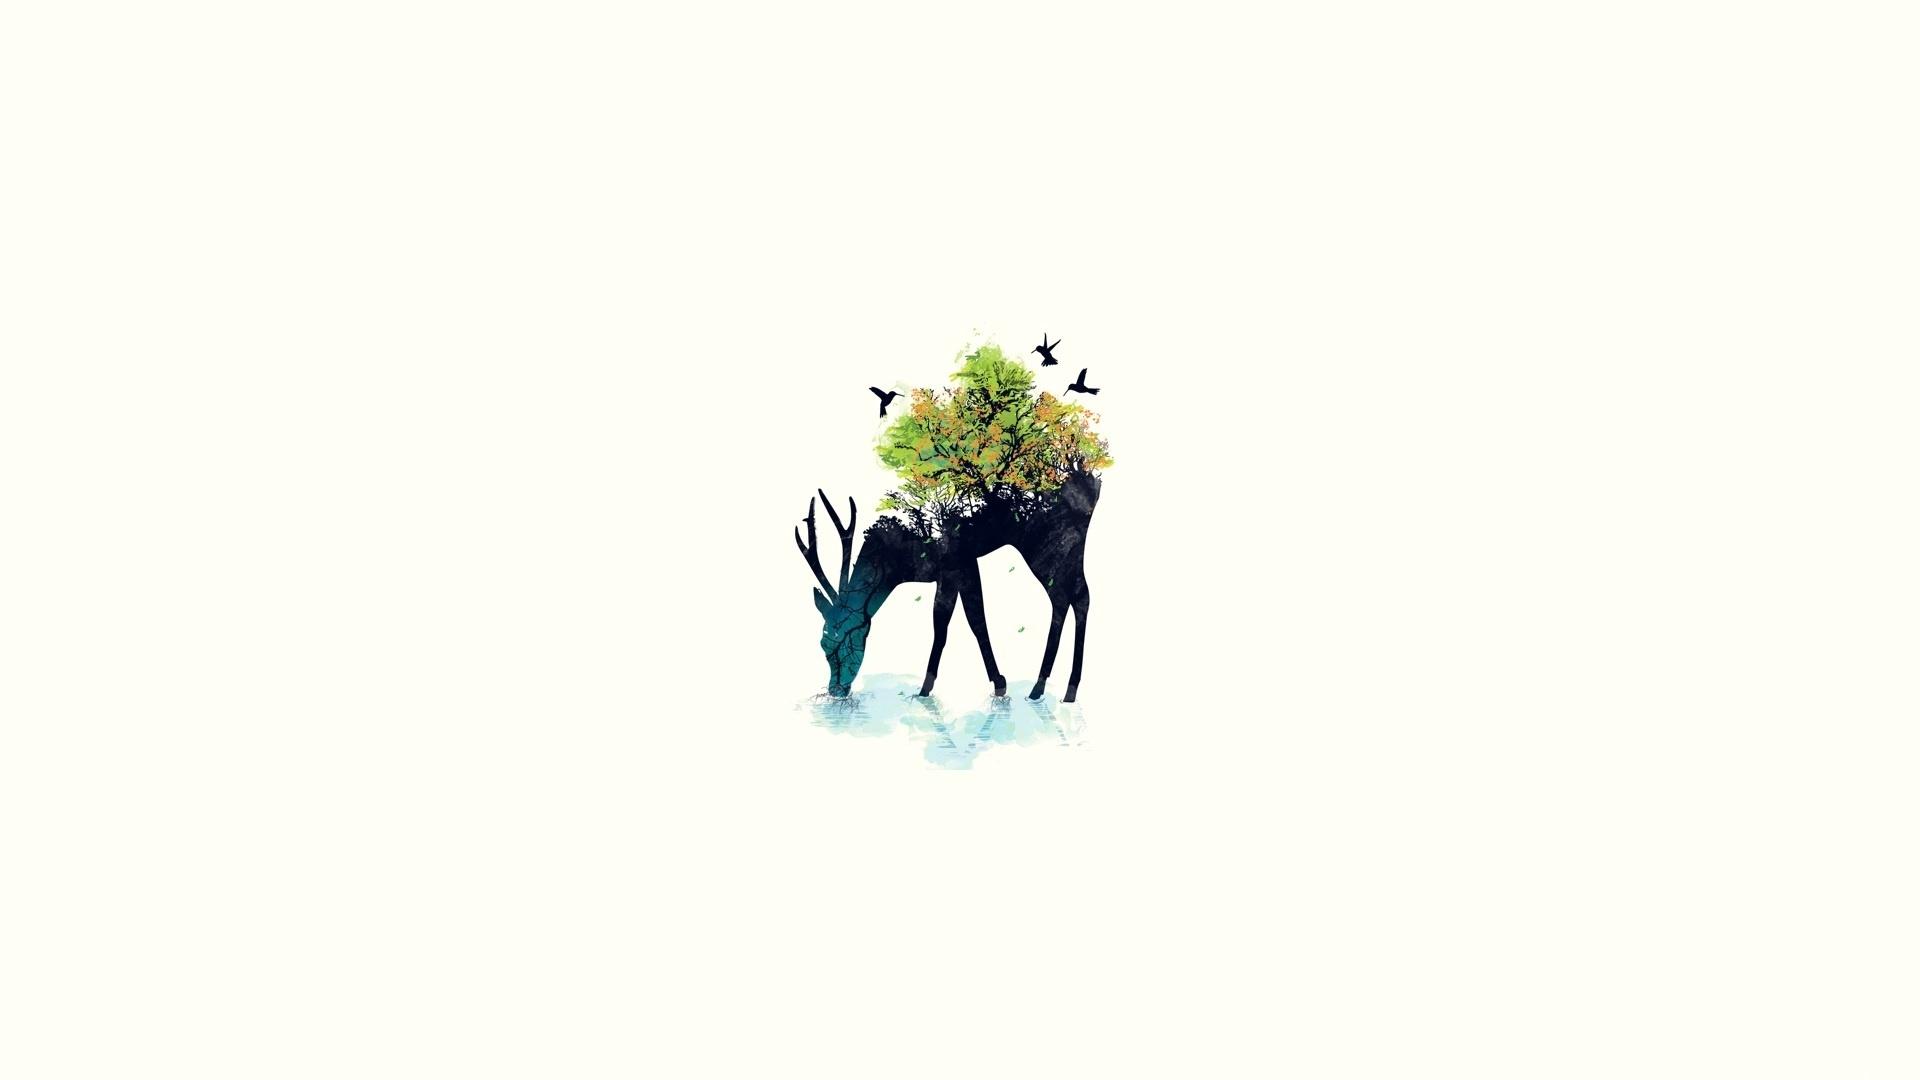 1920x1080 Download Wallpaper 1920x1080 Deer, Minimalism, Vector, Background